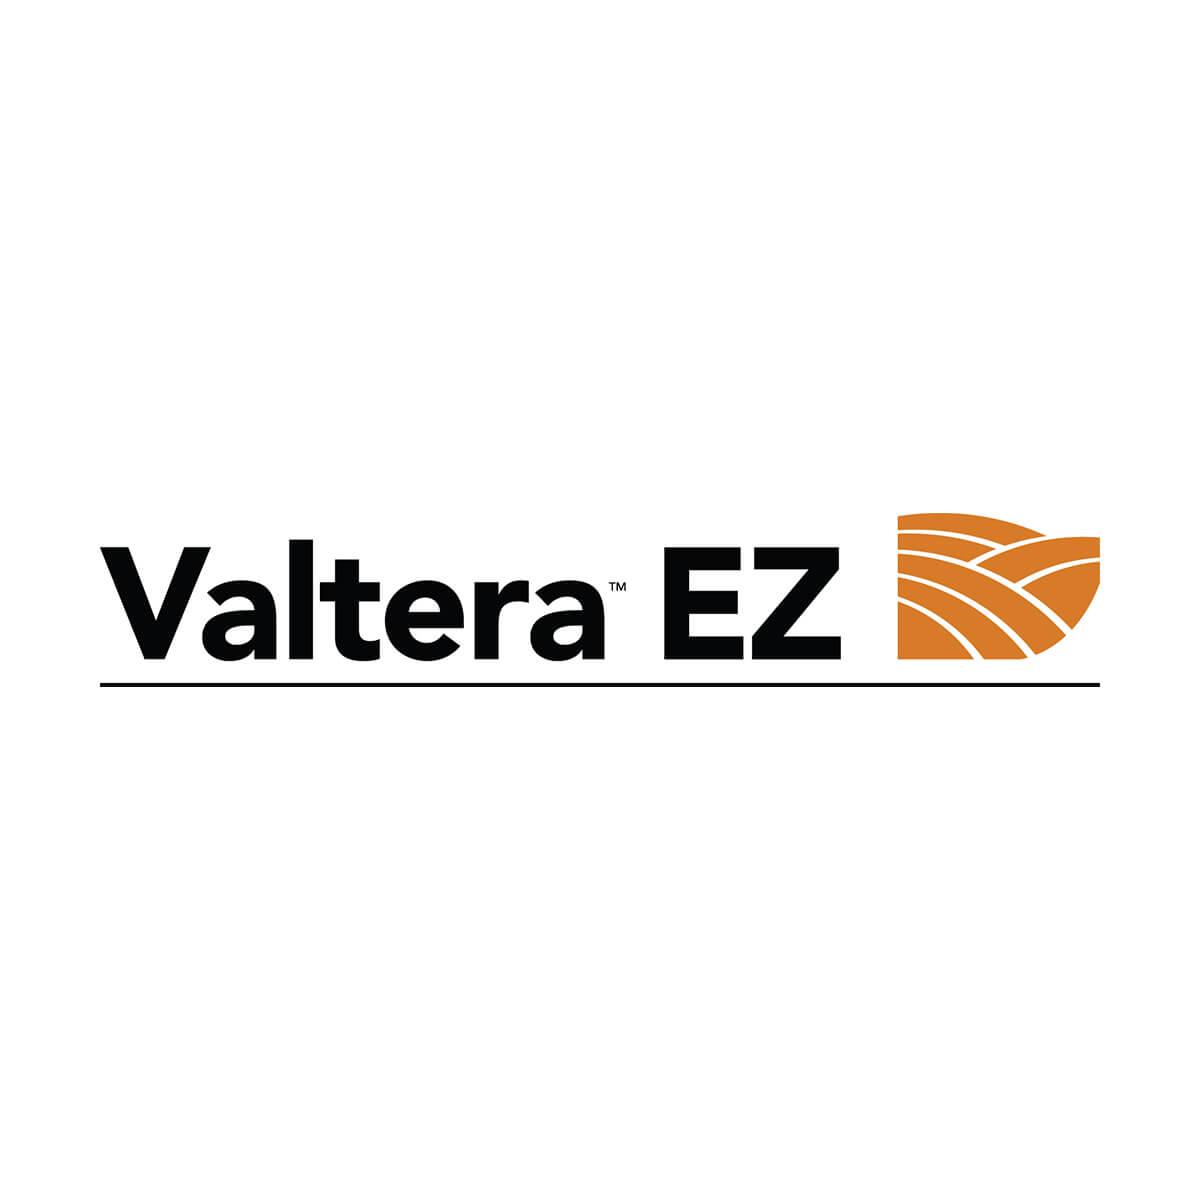 Valtera™ EZ - 4.8 L Jug